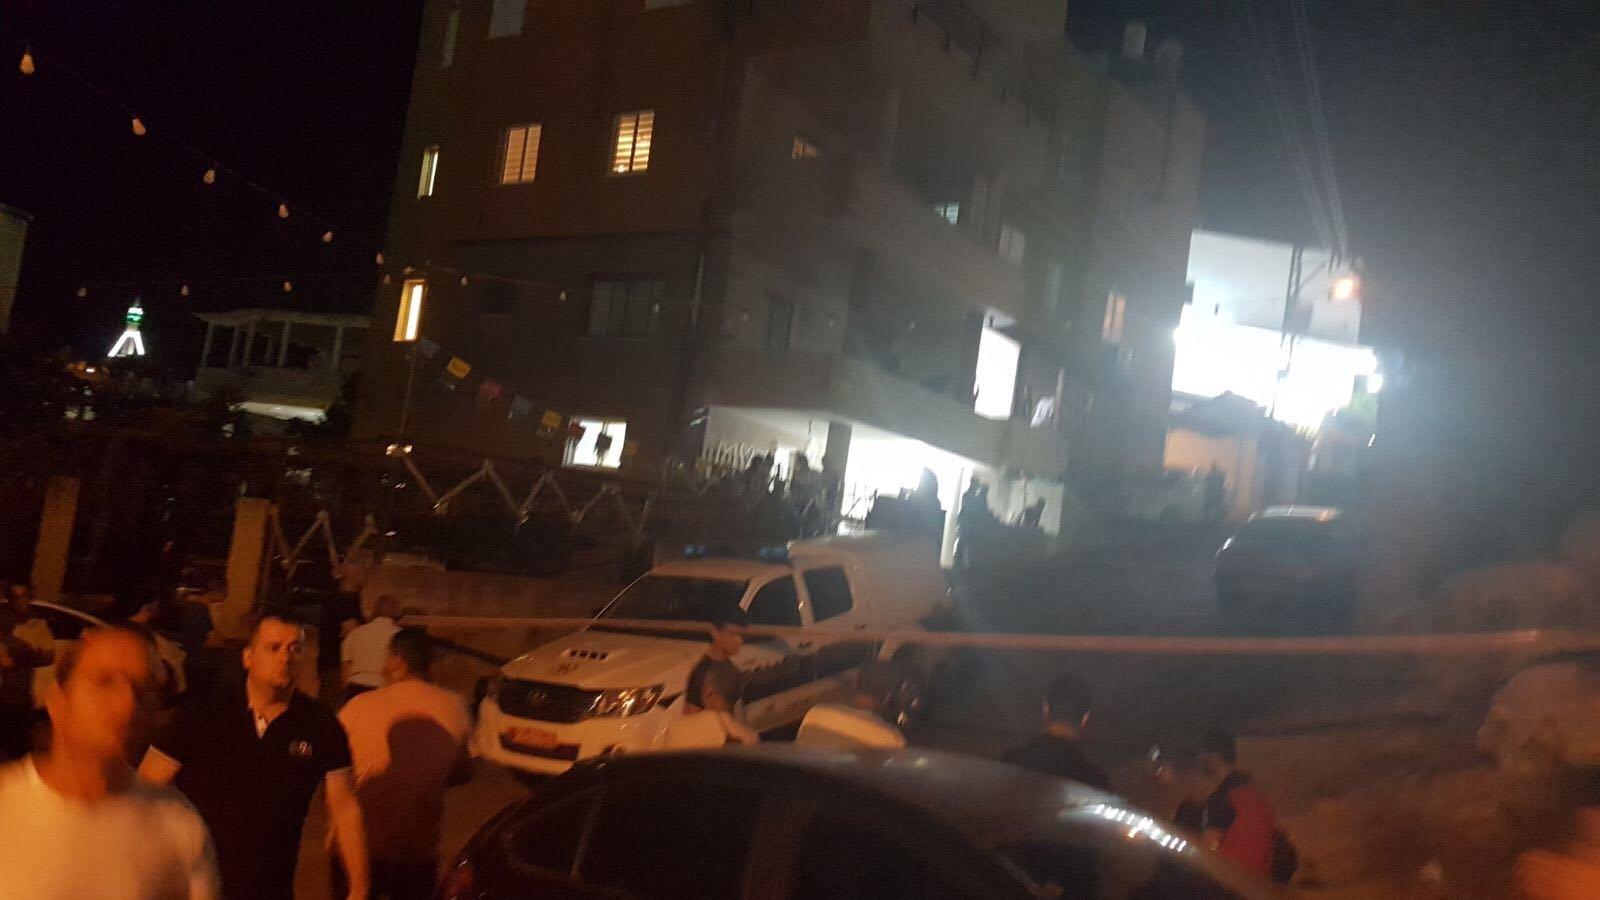 كابول: مصرع وحيد نايف حاج (23 عاما) طعنًا بخلاف عائلي!